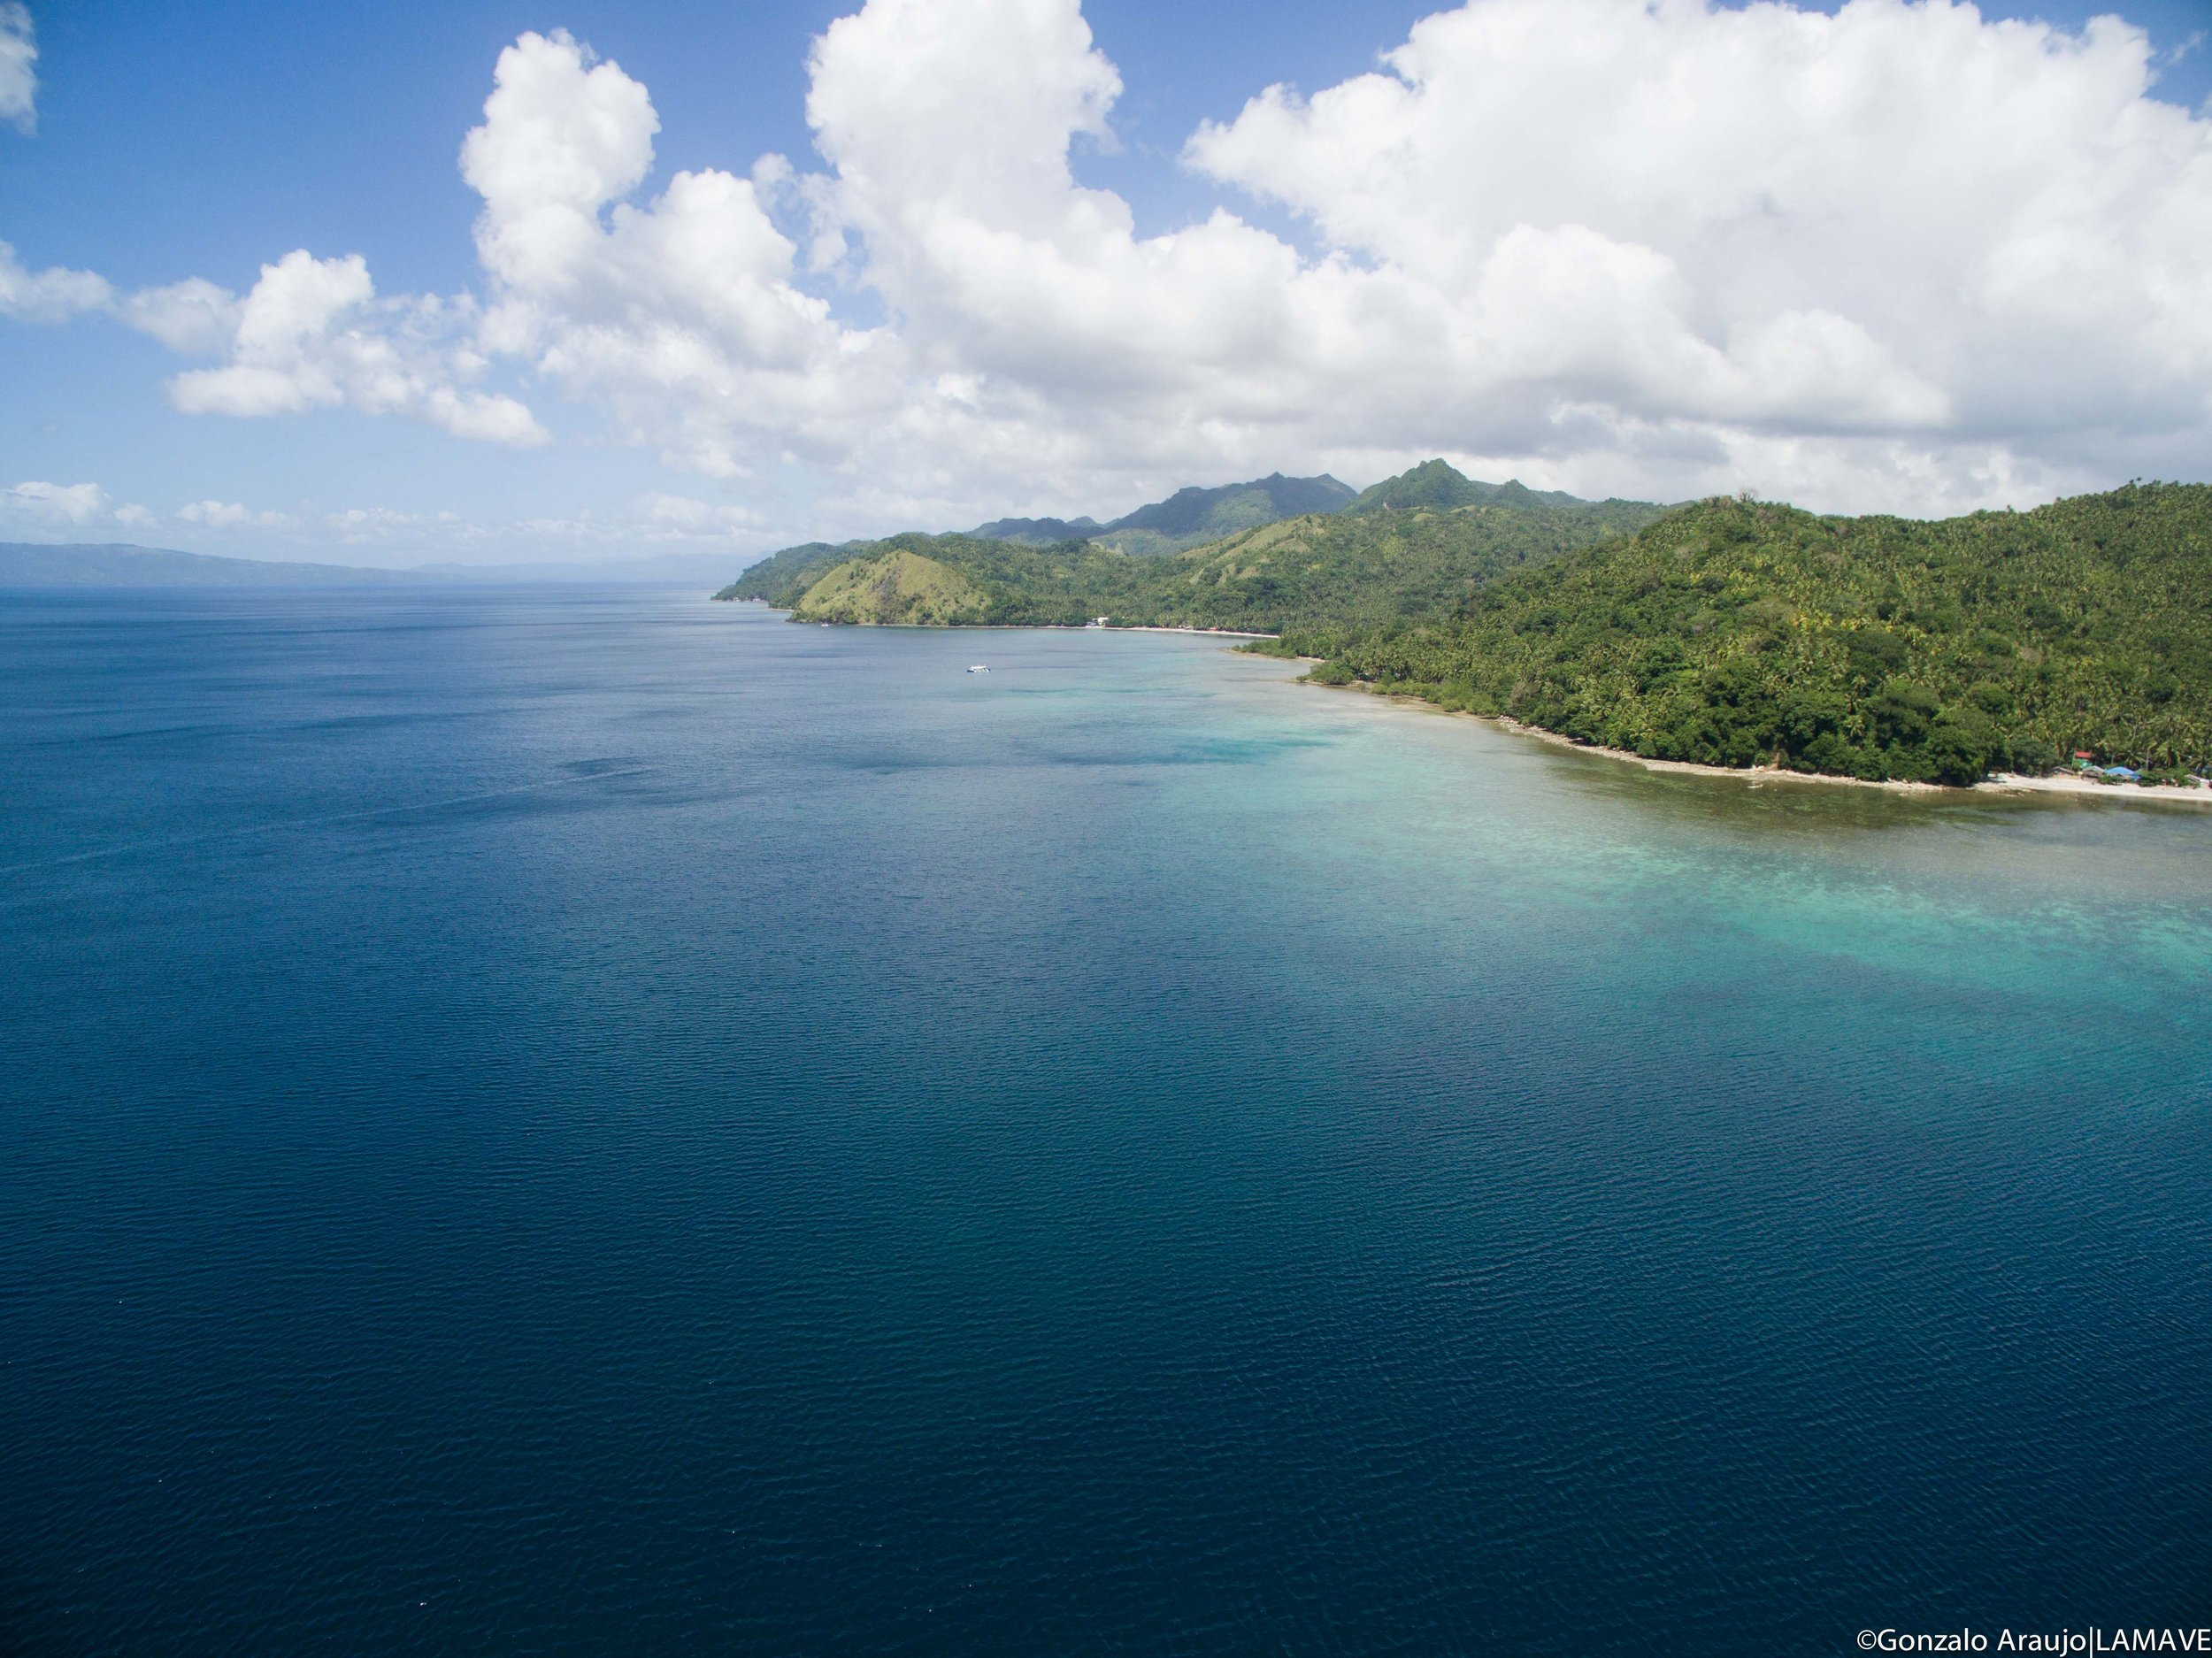 Sogod Bay, Southern Leyte from the sky.